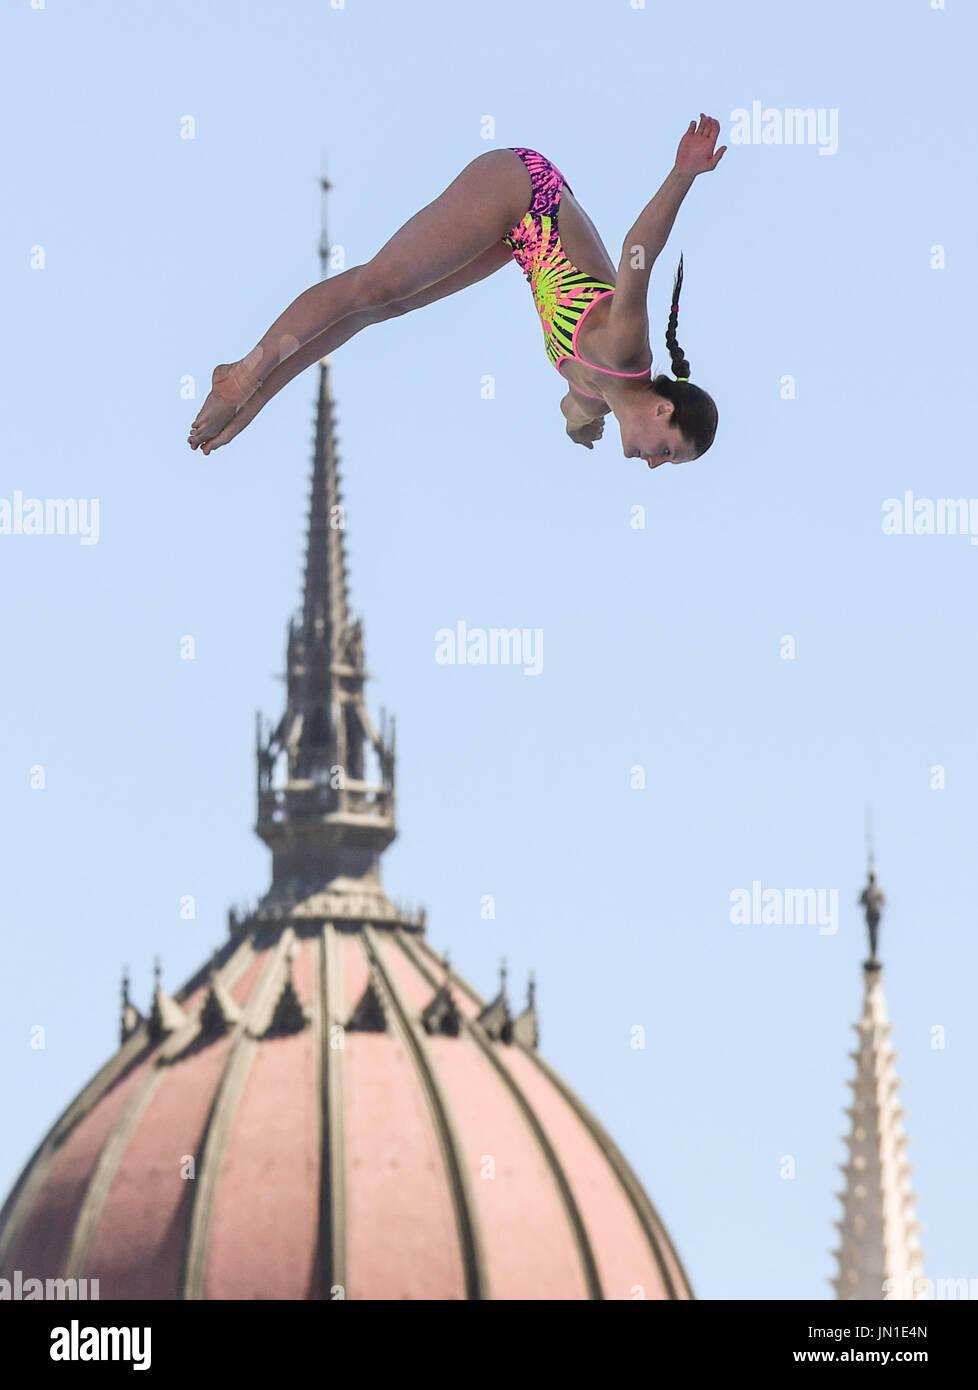 Budapest, Ungarn. 29. Juli 2017. Der deutsche hohe Taucher Iris Schmidbauer springt 20 Meter Höhe vor der Szene des ungarischen Parlaments während der Frauen 20 m hohen Tauchen Finale von der FINA Weltmeisterschaften 2017 in Budapest, Ungarn, 29. Juli 2017. Foto: Axel Heimken/Dpa/Alamy Live News Stockbild